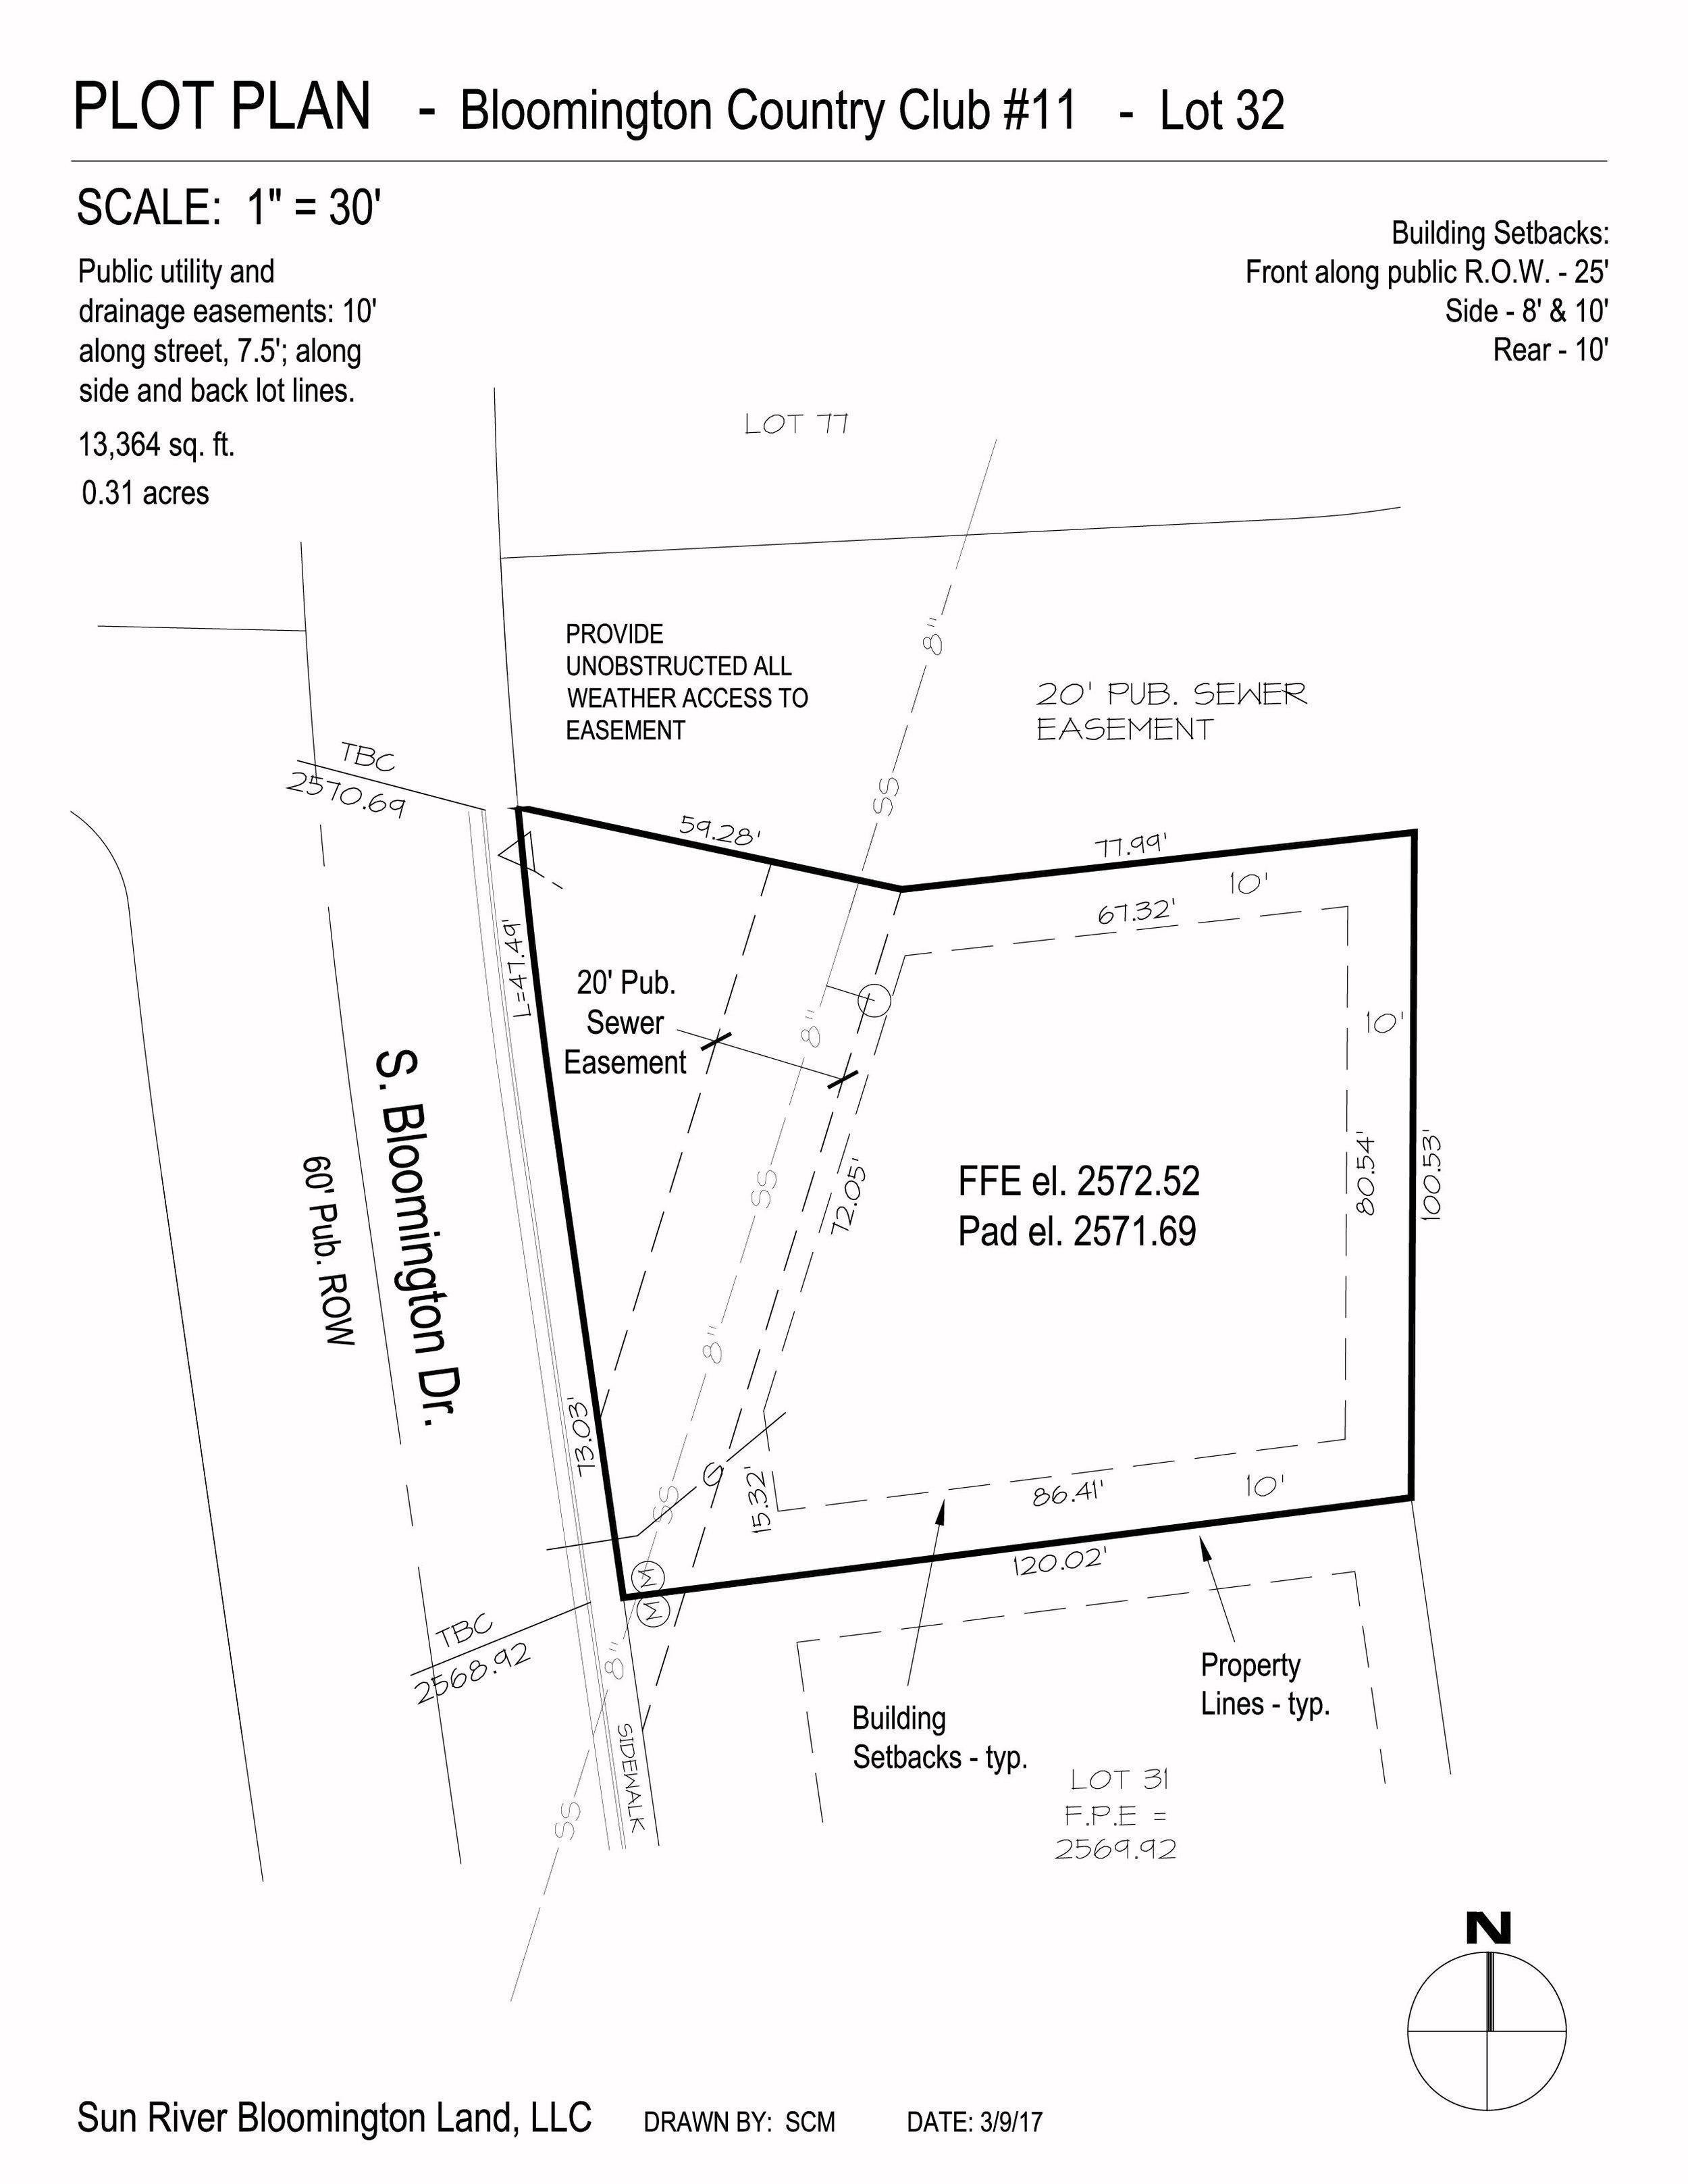 hamblin plot plans-25.jpg